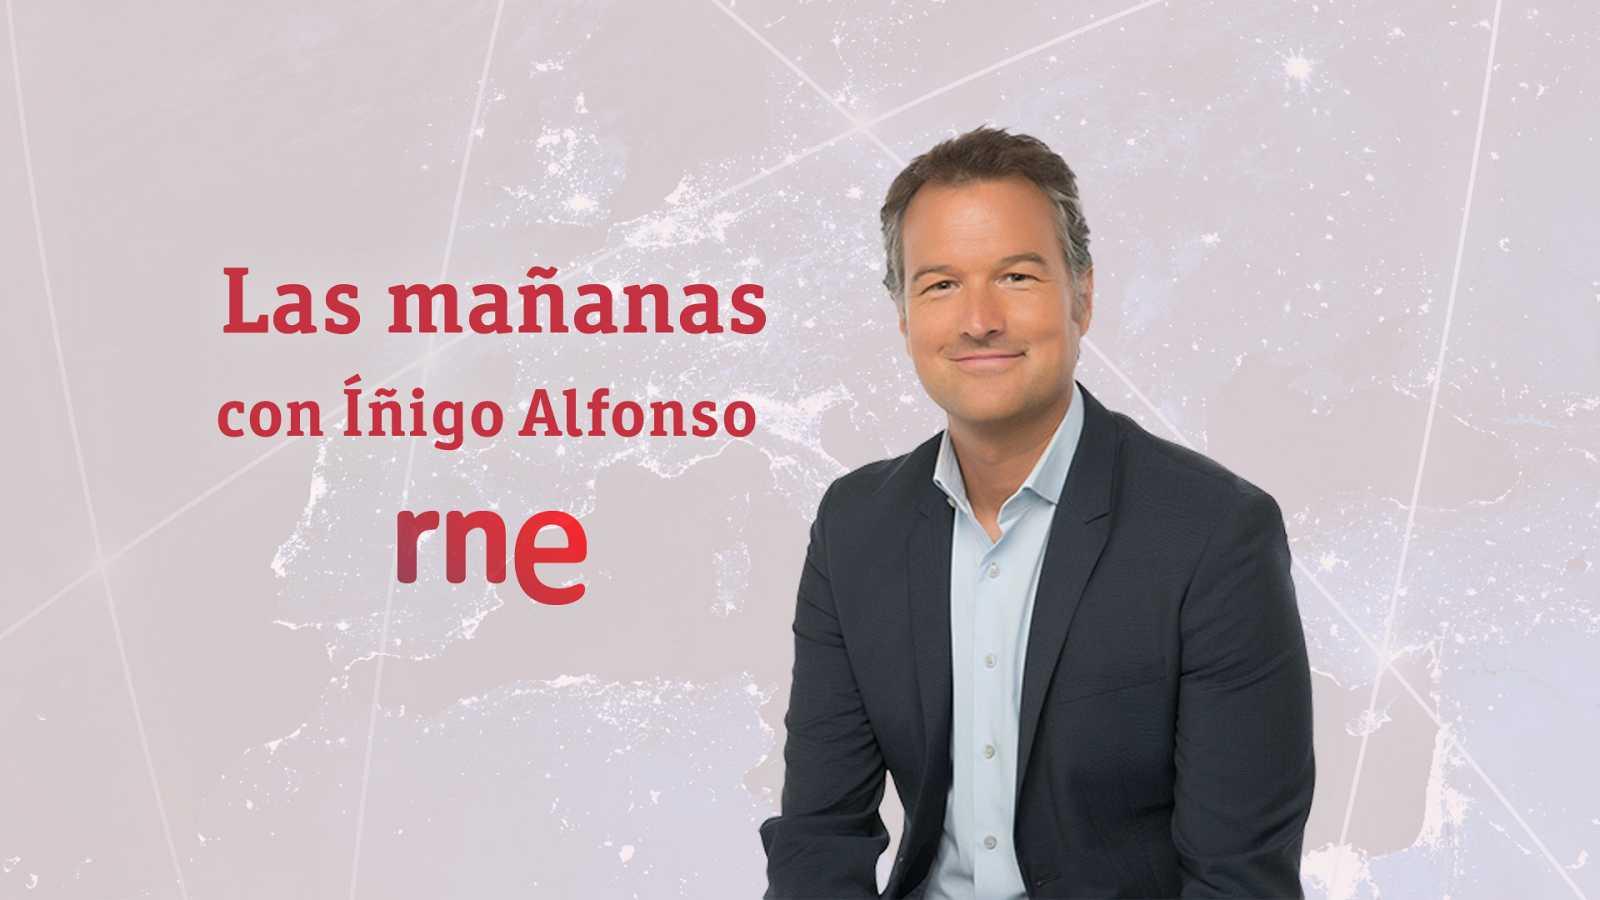 Las mañanas de RNE con Íñigo Alfonso - Primera hora - 26/10/20 - escuchar ahora